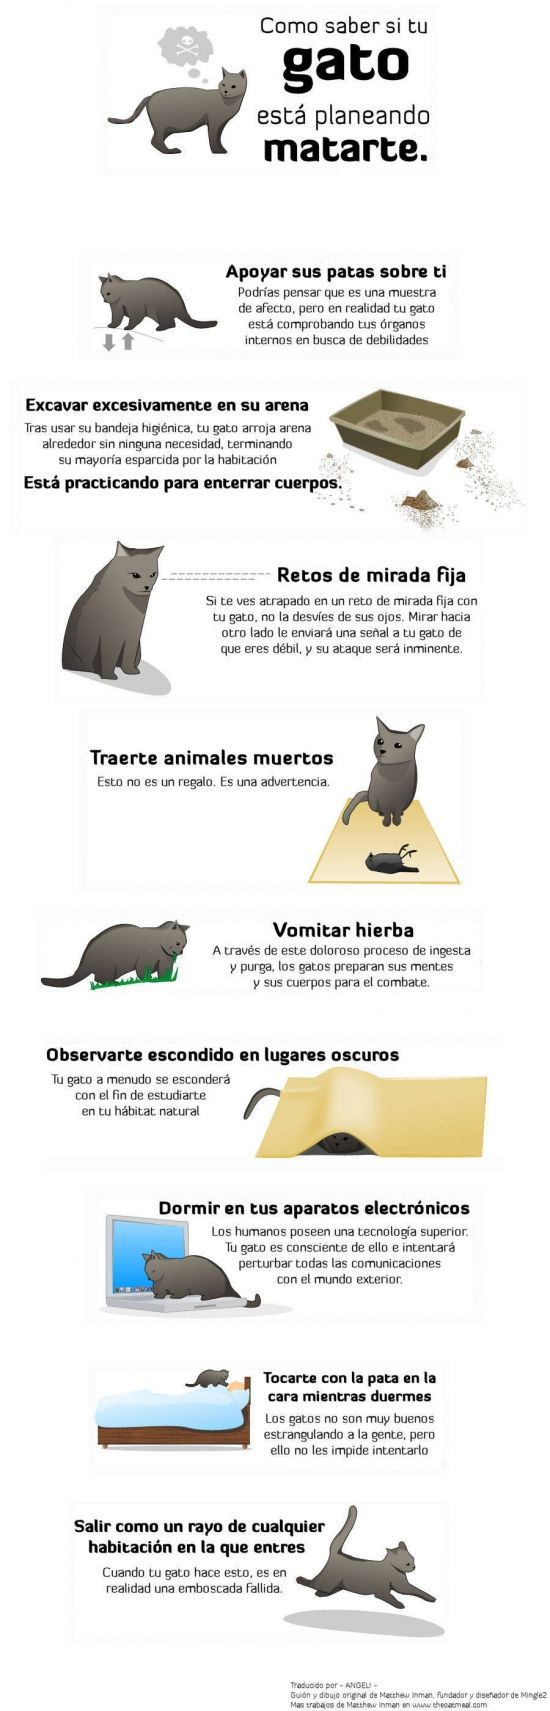 Otros - Ándate con mucho cuidado con los gatos